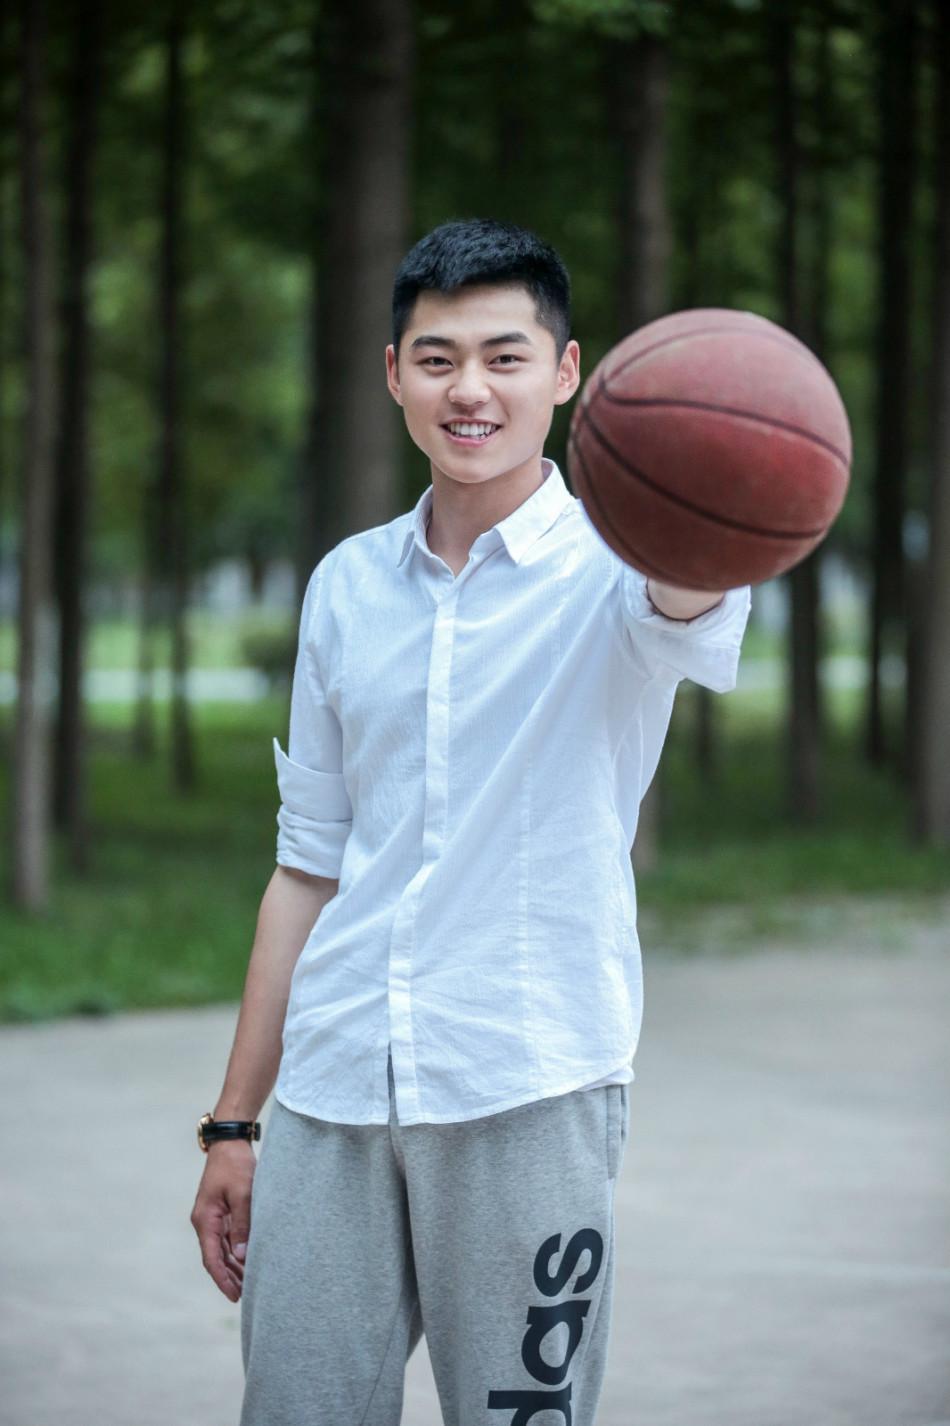 16岁帅哥头像生活照片,单身汉其实是最自由的-男生头像